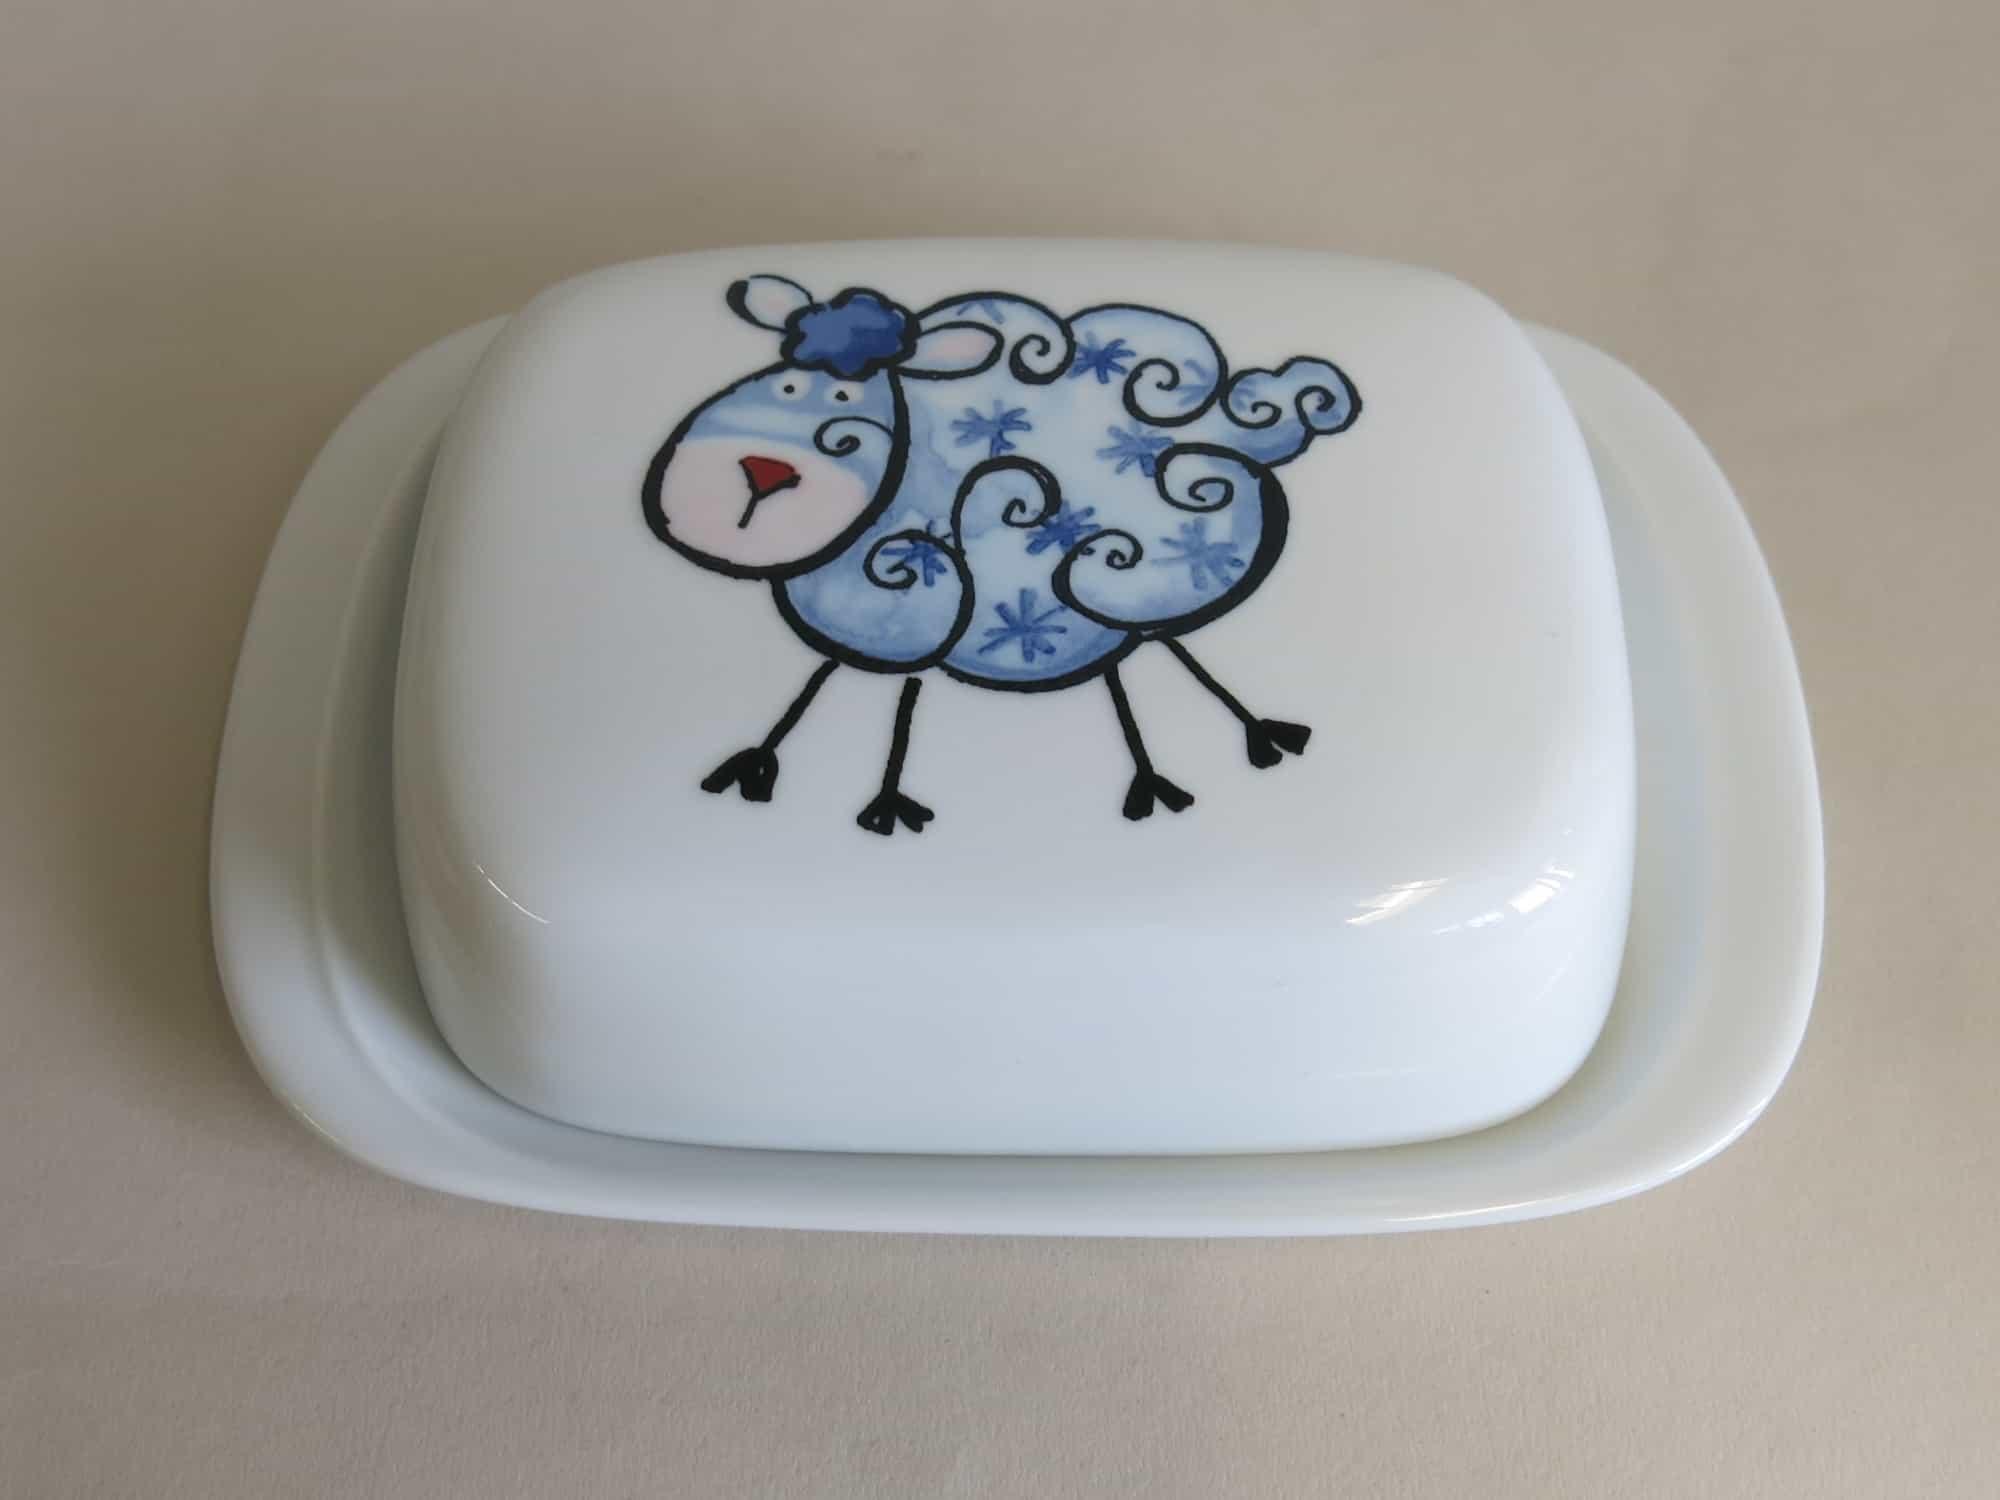 Frühstücksgeschirr Porzellan Butterdose 250g mit blauem Schäfchen Wolke von der Farm